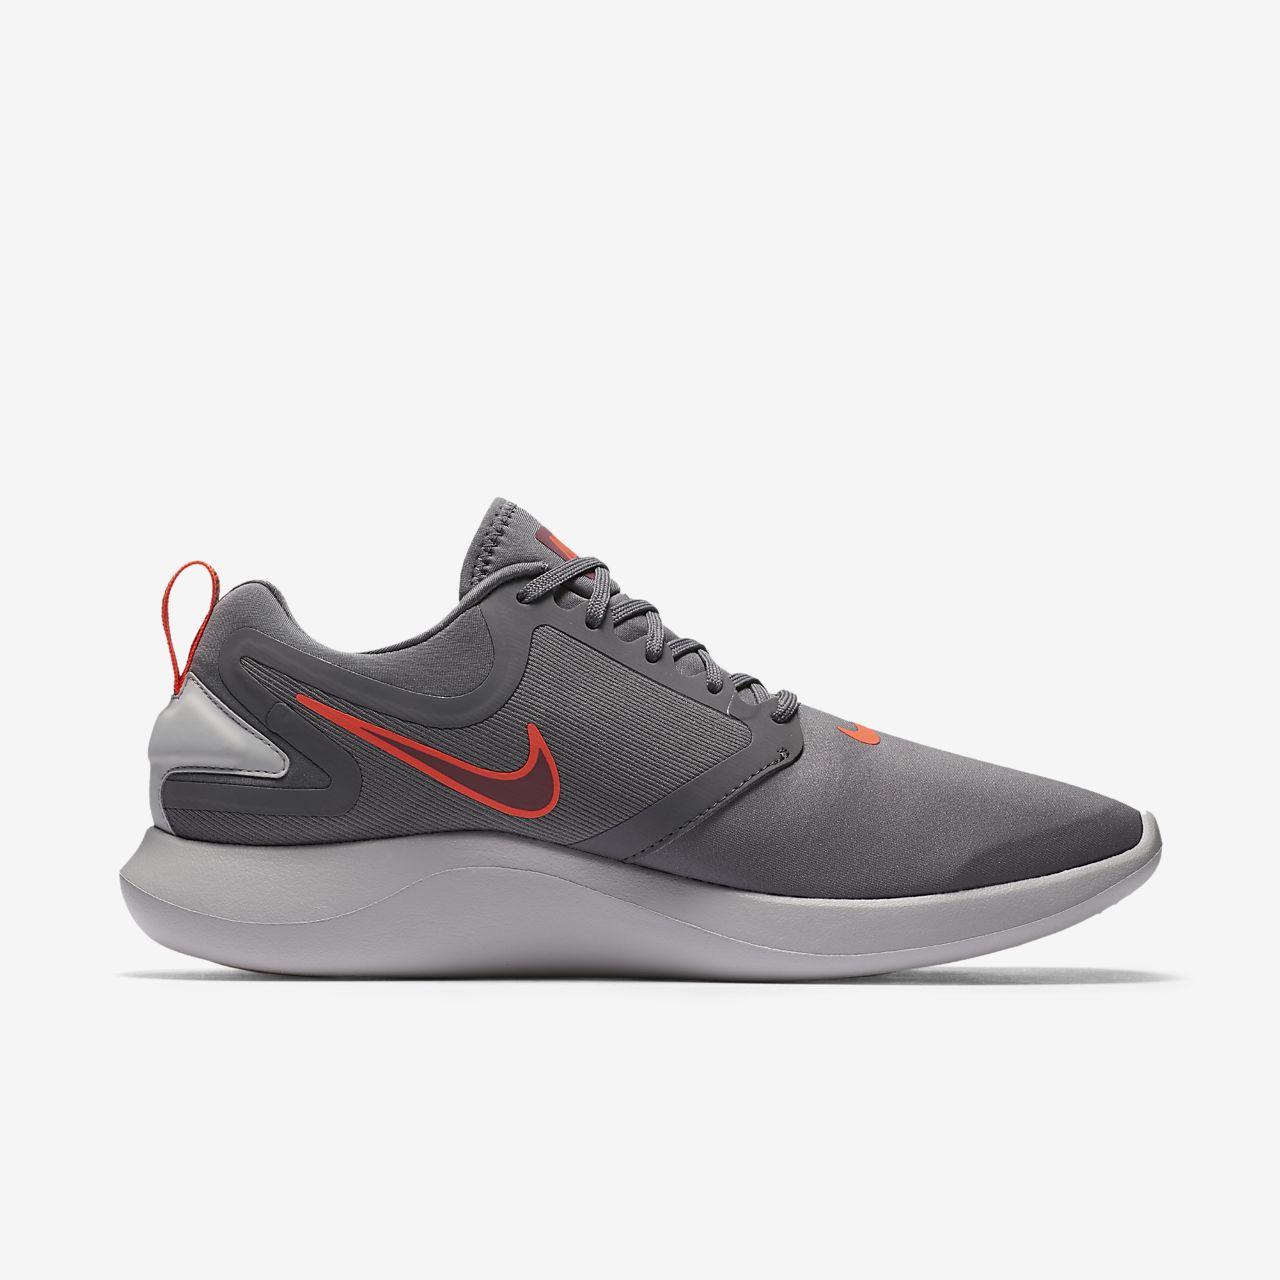 Low Resolution Nike LunarSolo Erkek Koşu Ayakkabısı Nike LunarSolo Erkek  Koşu Ayakkabısı